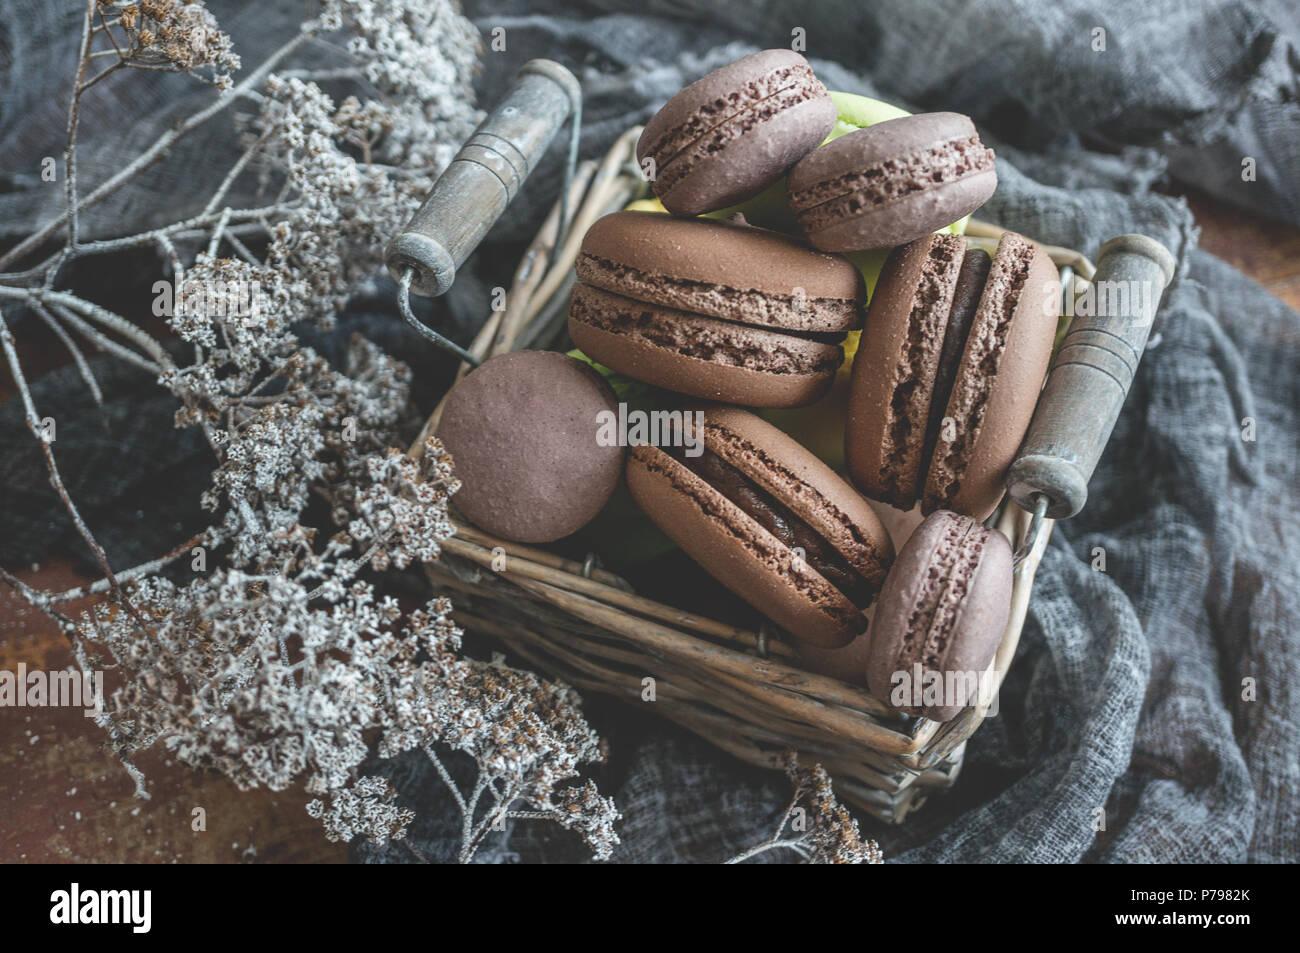 Frisch gebackene Makronen in Weidenkorb mit Griffen mit kleinen weißen Blüten auf Holz- Hintergrund. Selektive konzentrieren. Stockbild